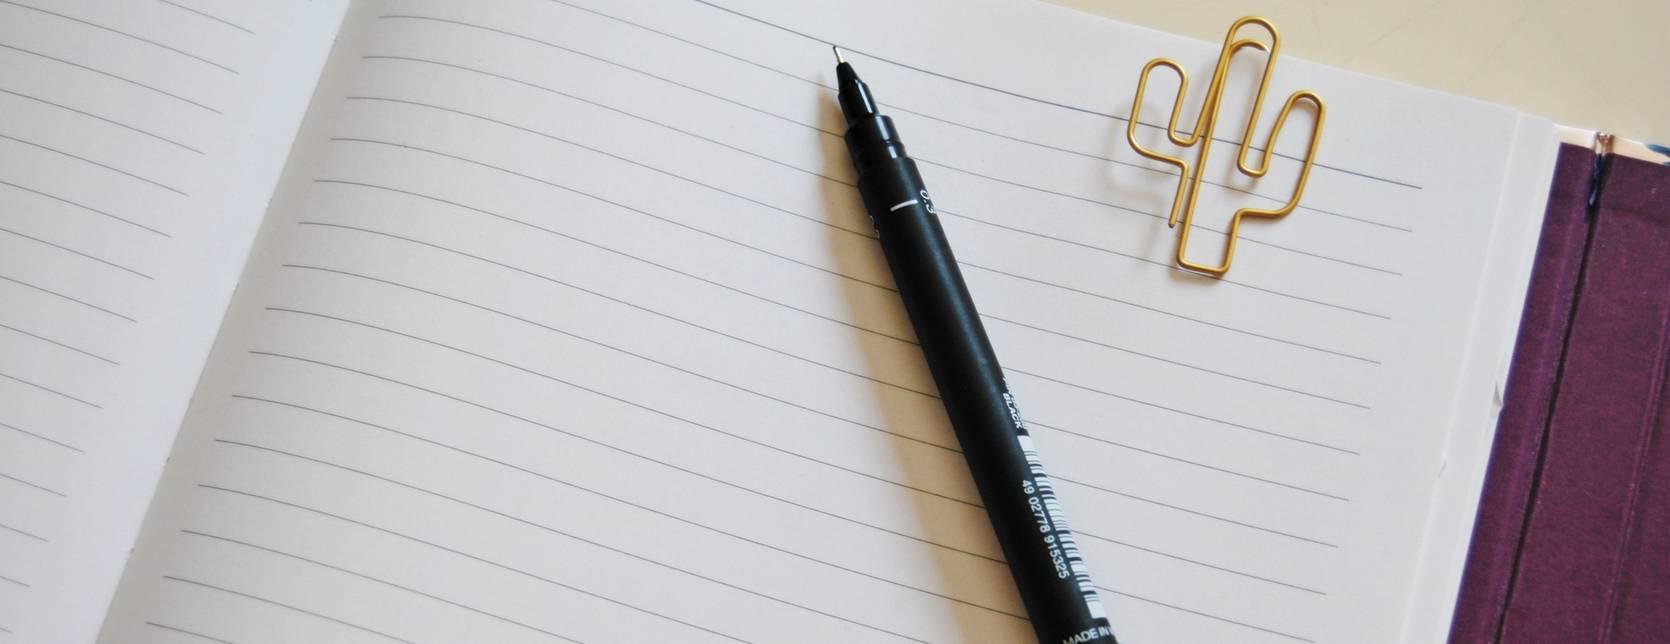 Pisarnia - Cieszę się, że tu jesteś